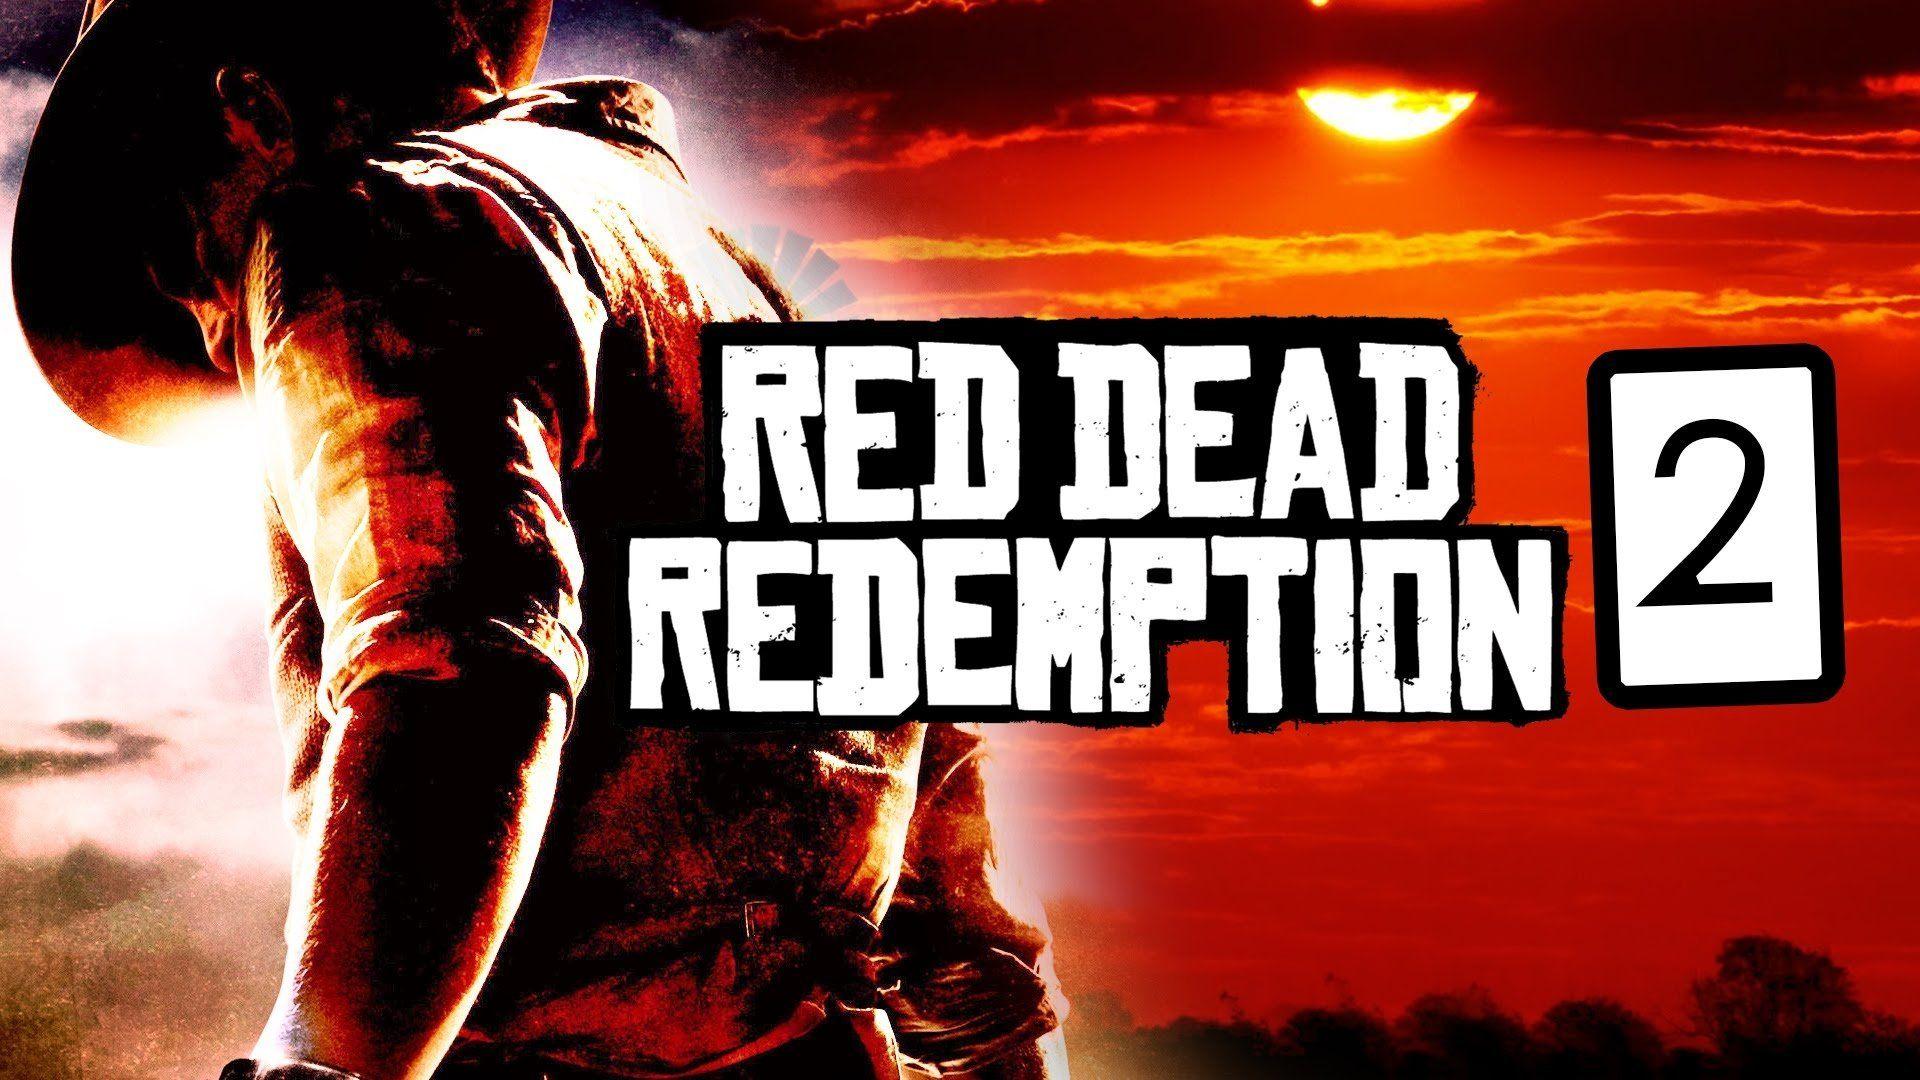 Red Dead Redemption Wallpaper Hd Red Dead 2 Hd 352562 Hd